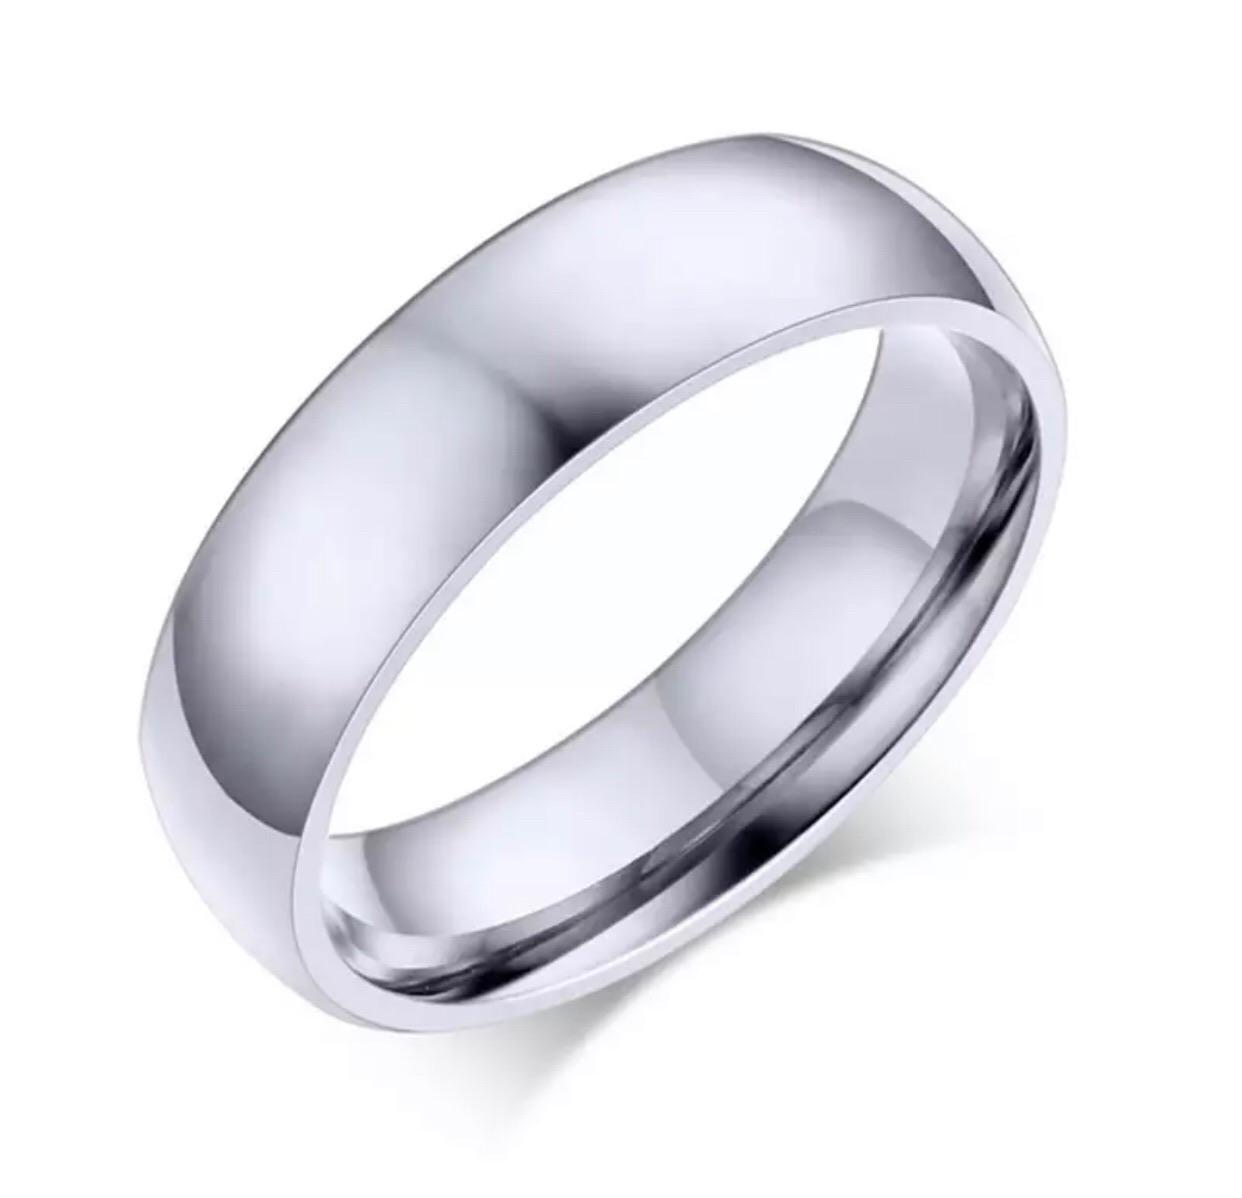 Dalma ezüst színű nemesacél férfi gyűrű